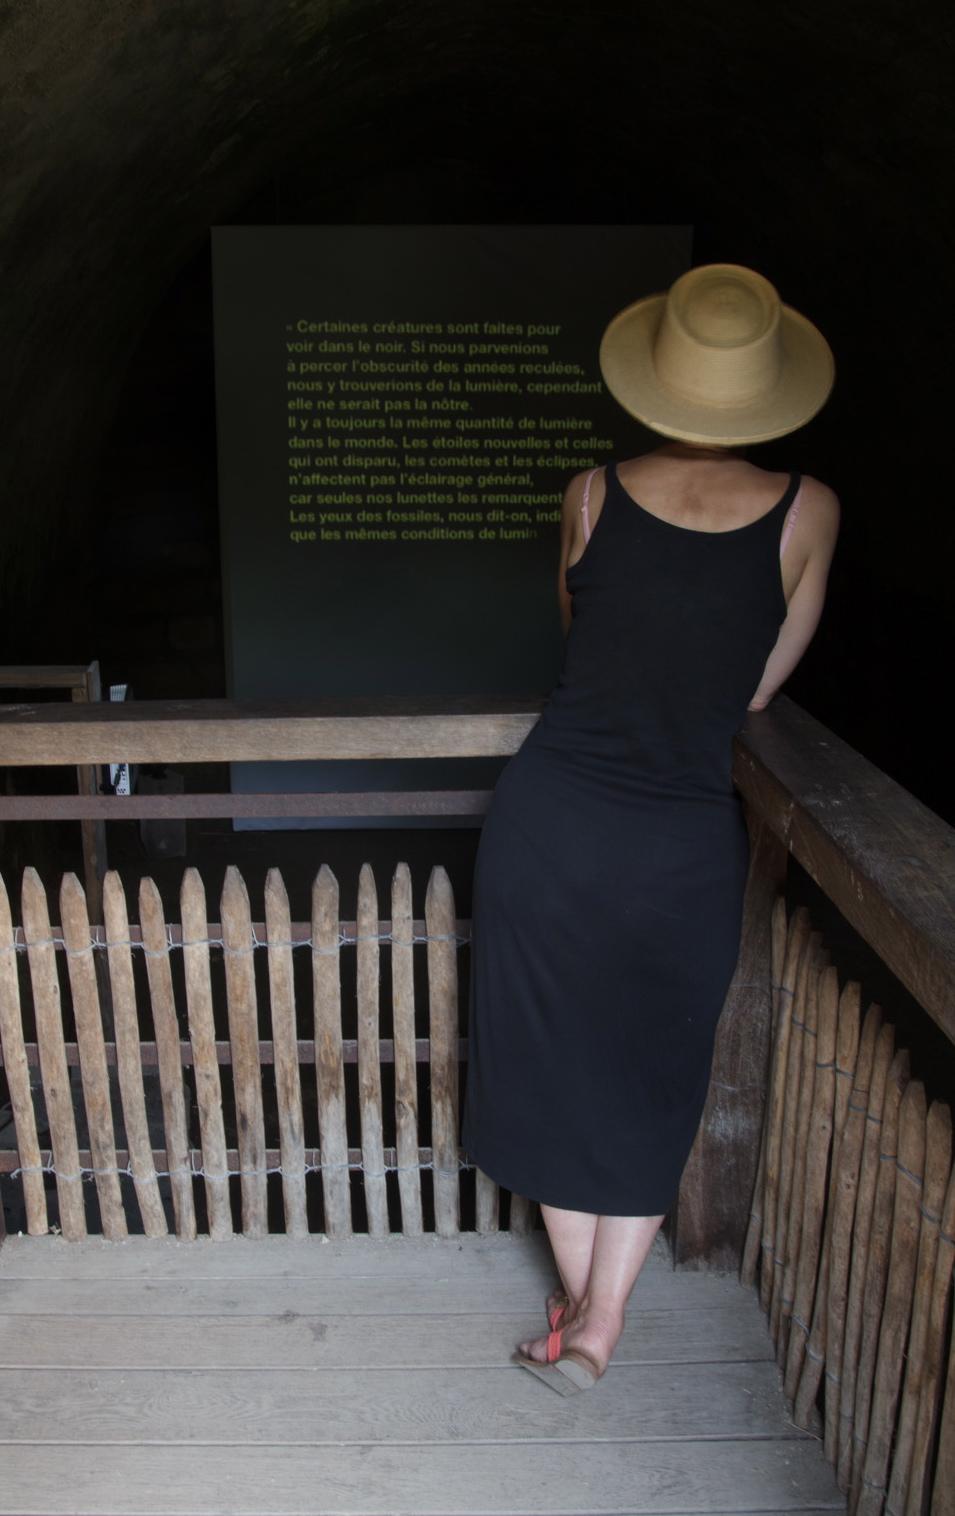 """Daniel Perrier, """"Umgebung - Entourage"""", 2013. Vidéo Vue du Parcours d'art contemporain, centre d'art contemporain, Cajarc. Courtesy de l'artiste. Photographie A. Astruc © 2013"""